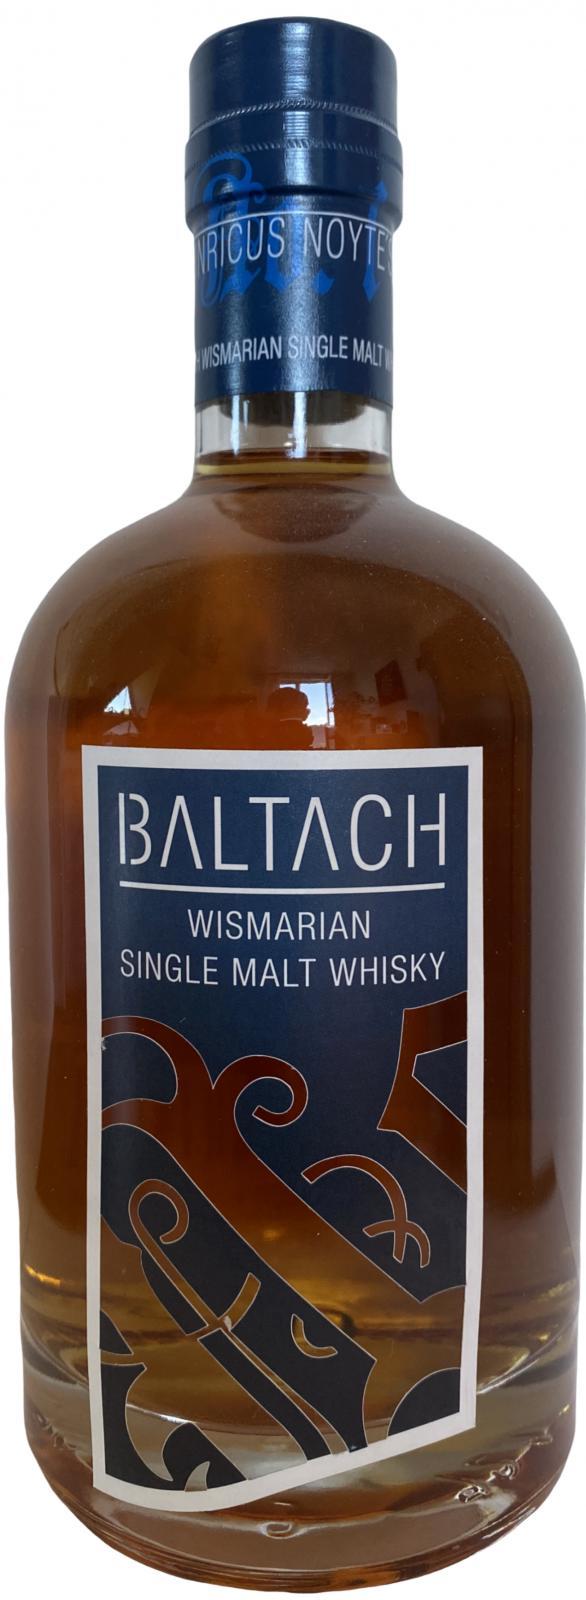 Baltach 03-year-old